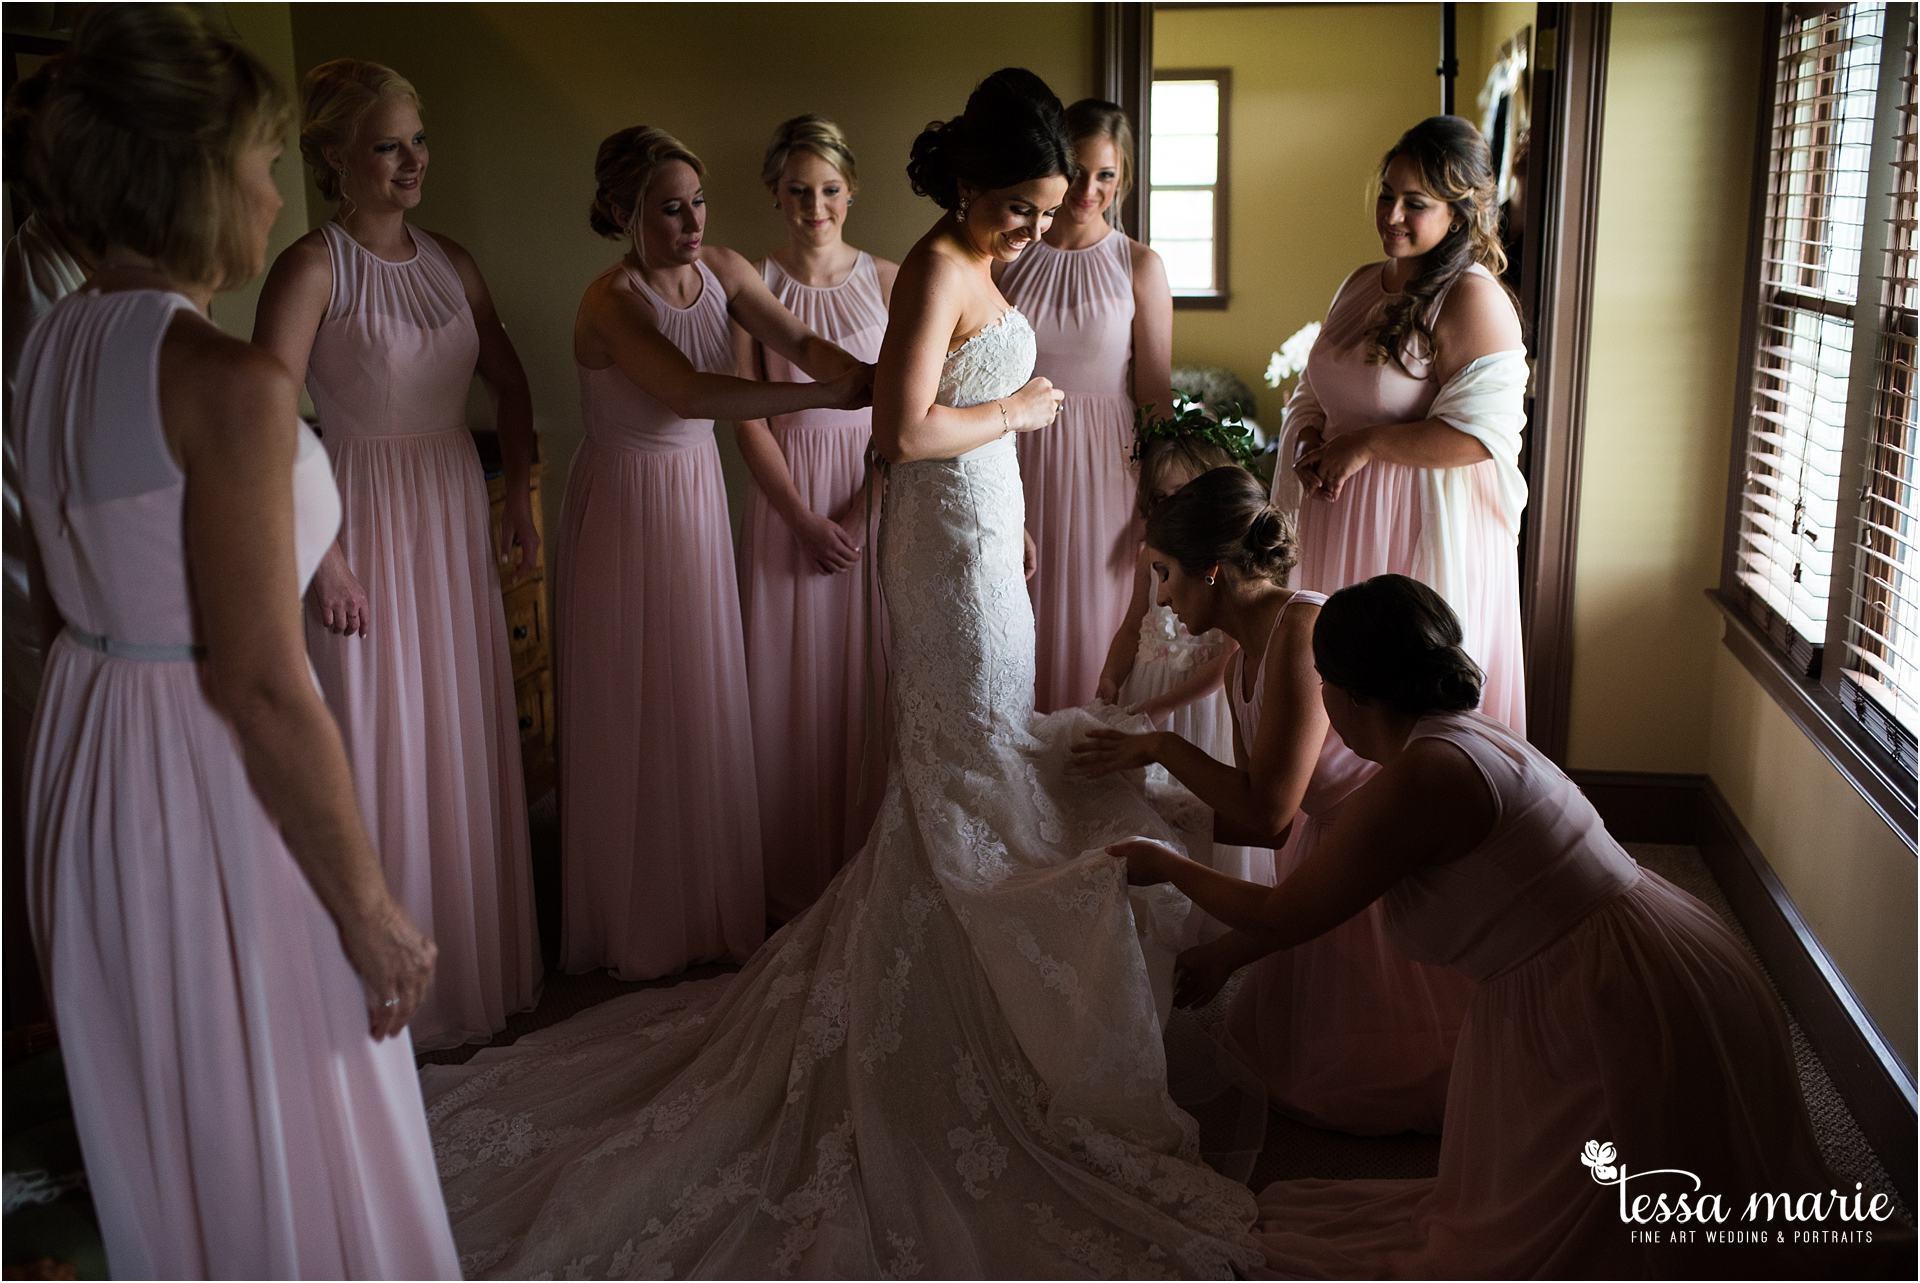 032216_brittany_kevin_wedding-25